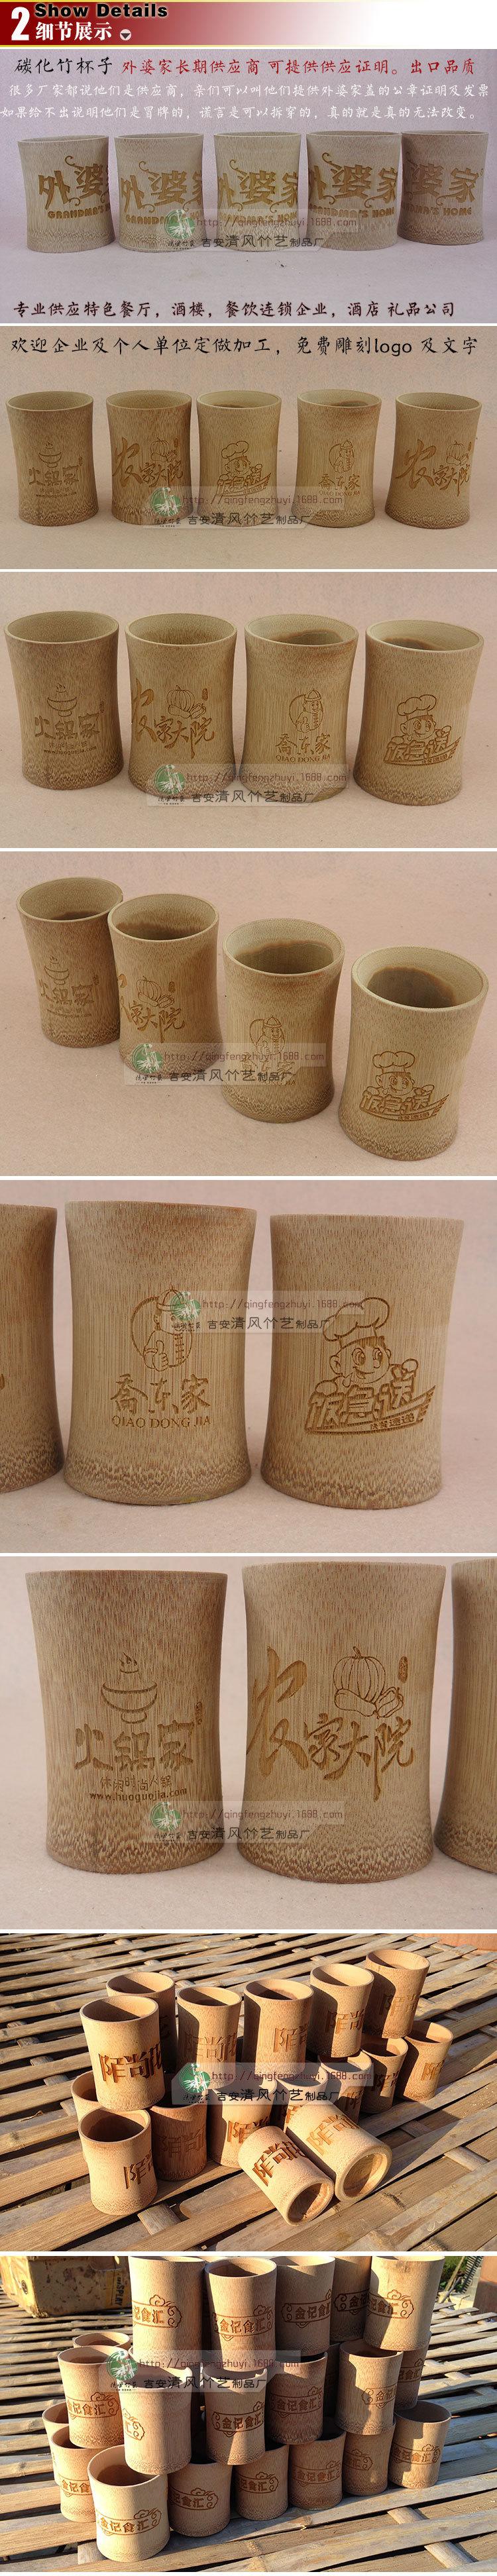 碳化竹杯子详情图